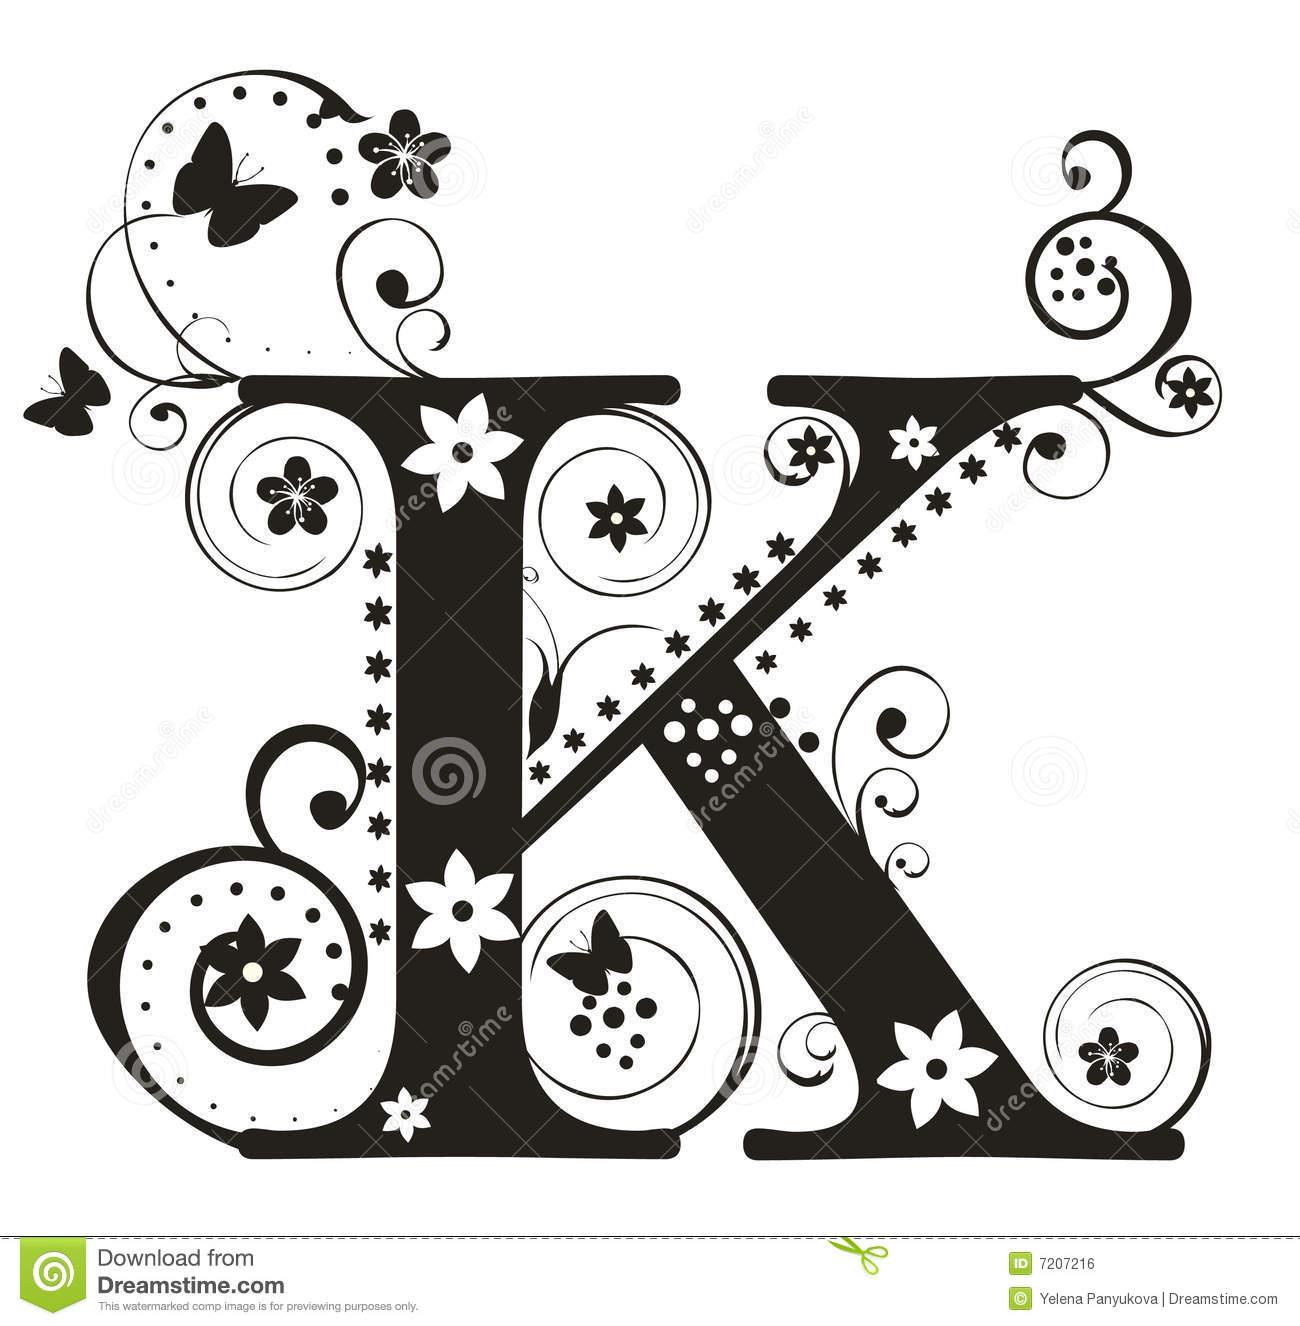 صور حرف K صور حرف K مزخرفة خلفيات جديدة 2020 Letter K Pictures